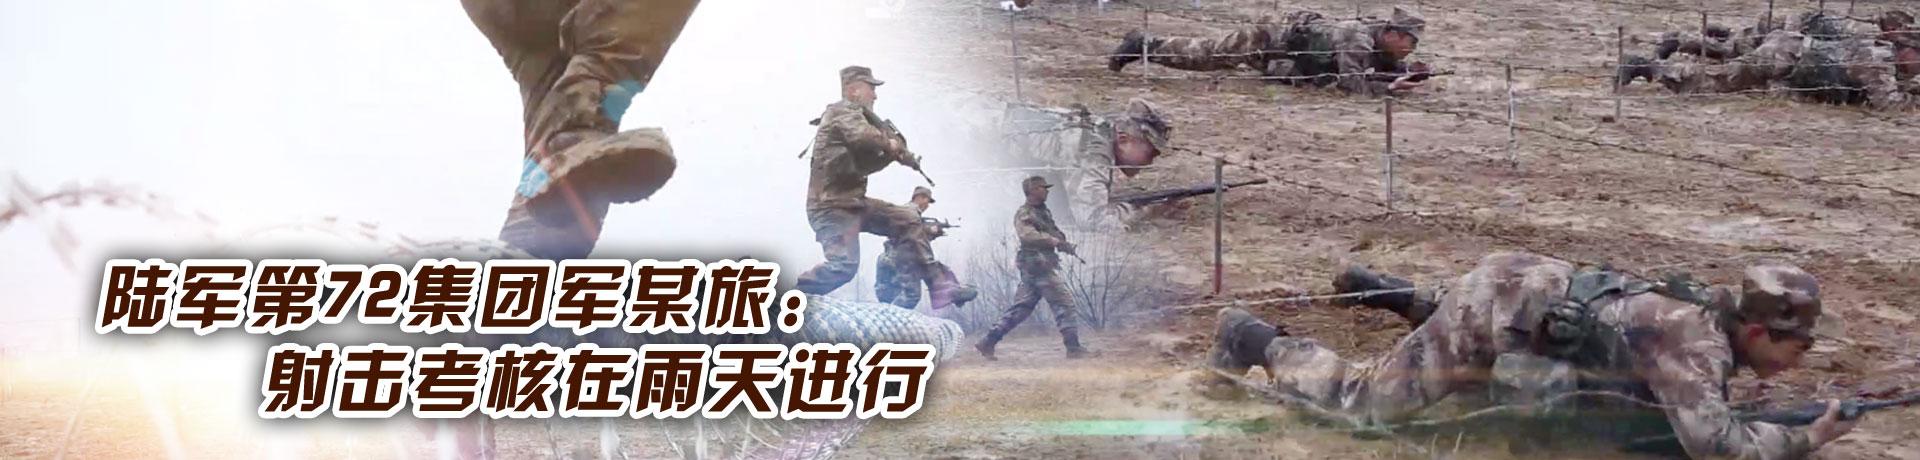 陆军第72集团军某旅:射击考核在雨天进行